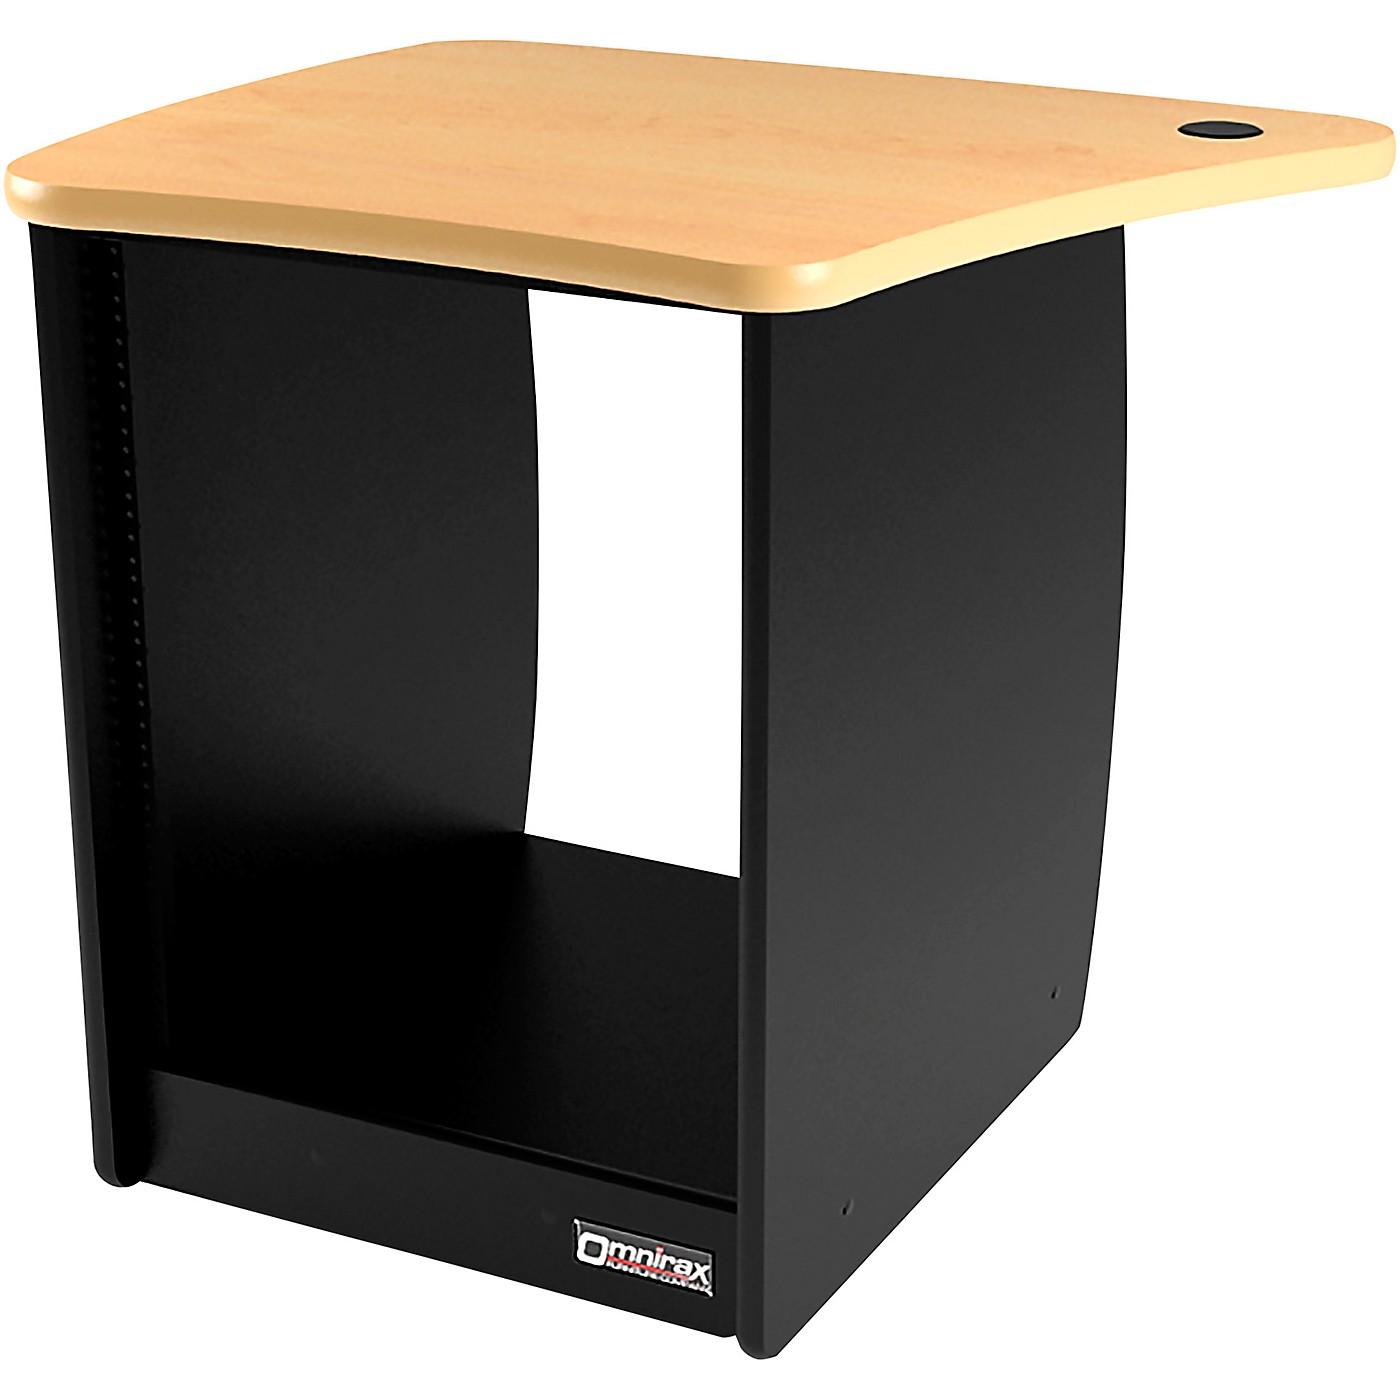 Omnirax OM13DL 13 RU Left Side Cabinet for OmniDesk Suite thumbnail